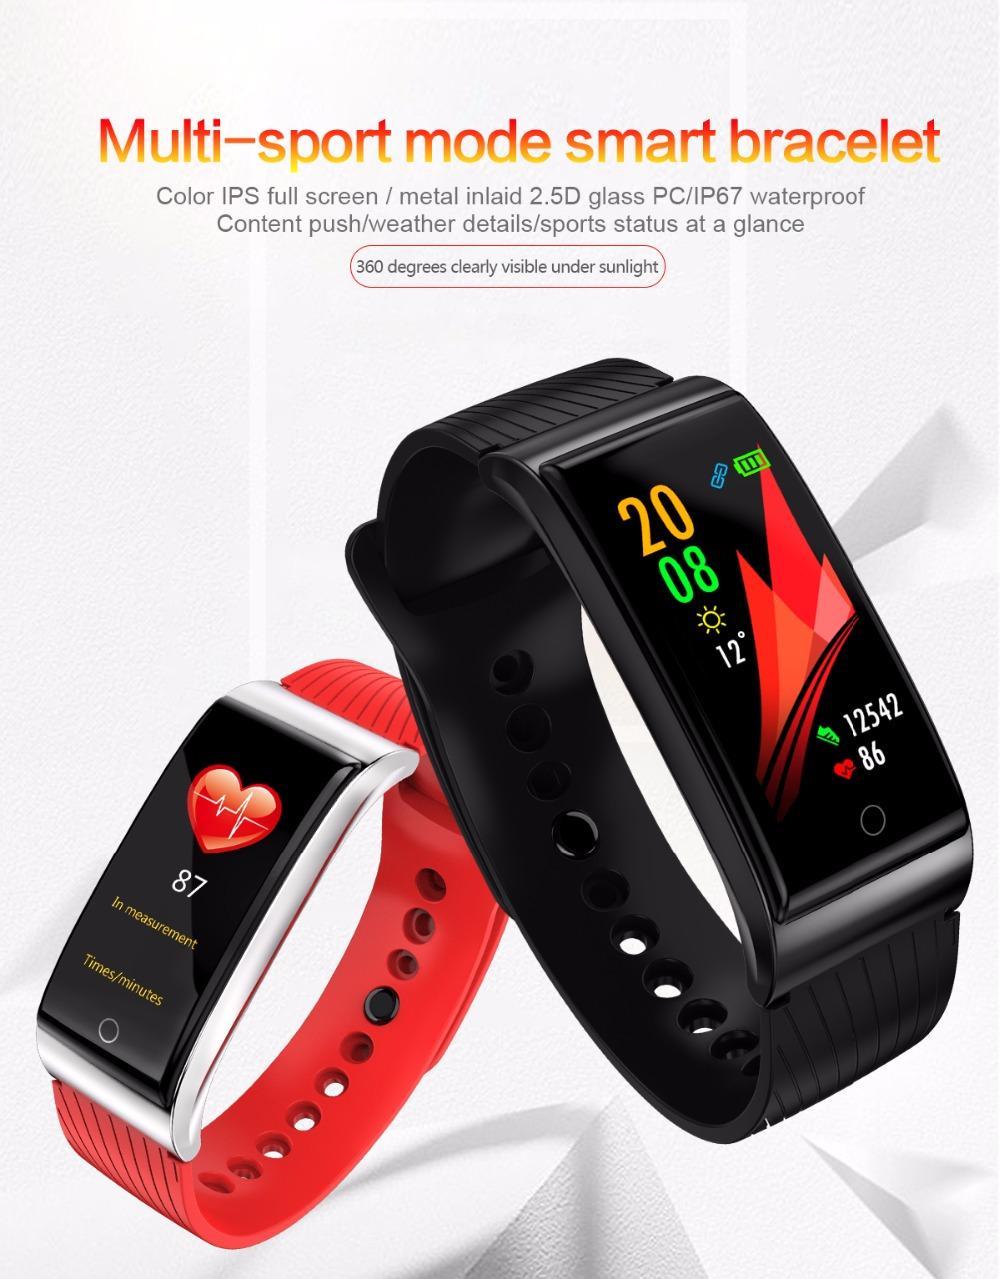 1pcs NEW F4 inteligente Banda pulseira de Fitness Rastreador de 0,96 polegadas Full Color IPS HD Display Monitor de Freqüência Cardíaca frete grátis Waterproof